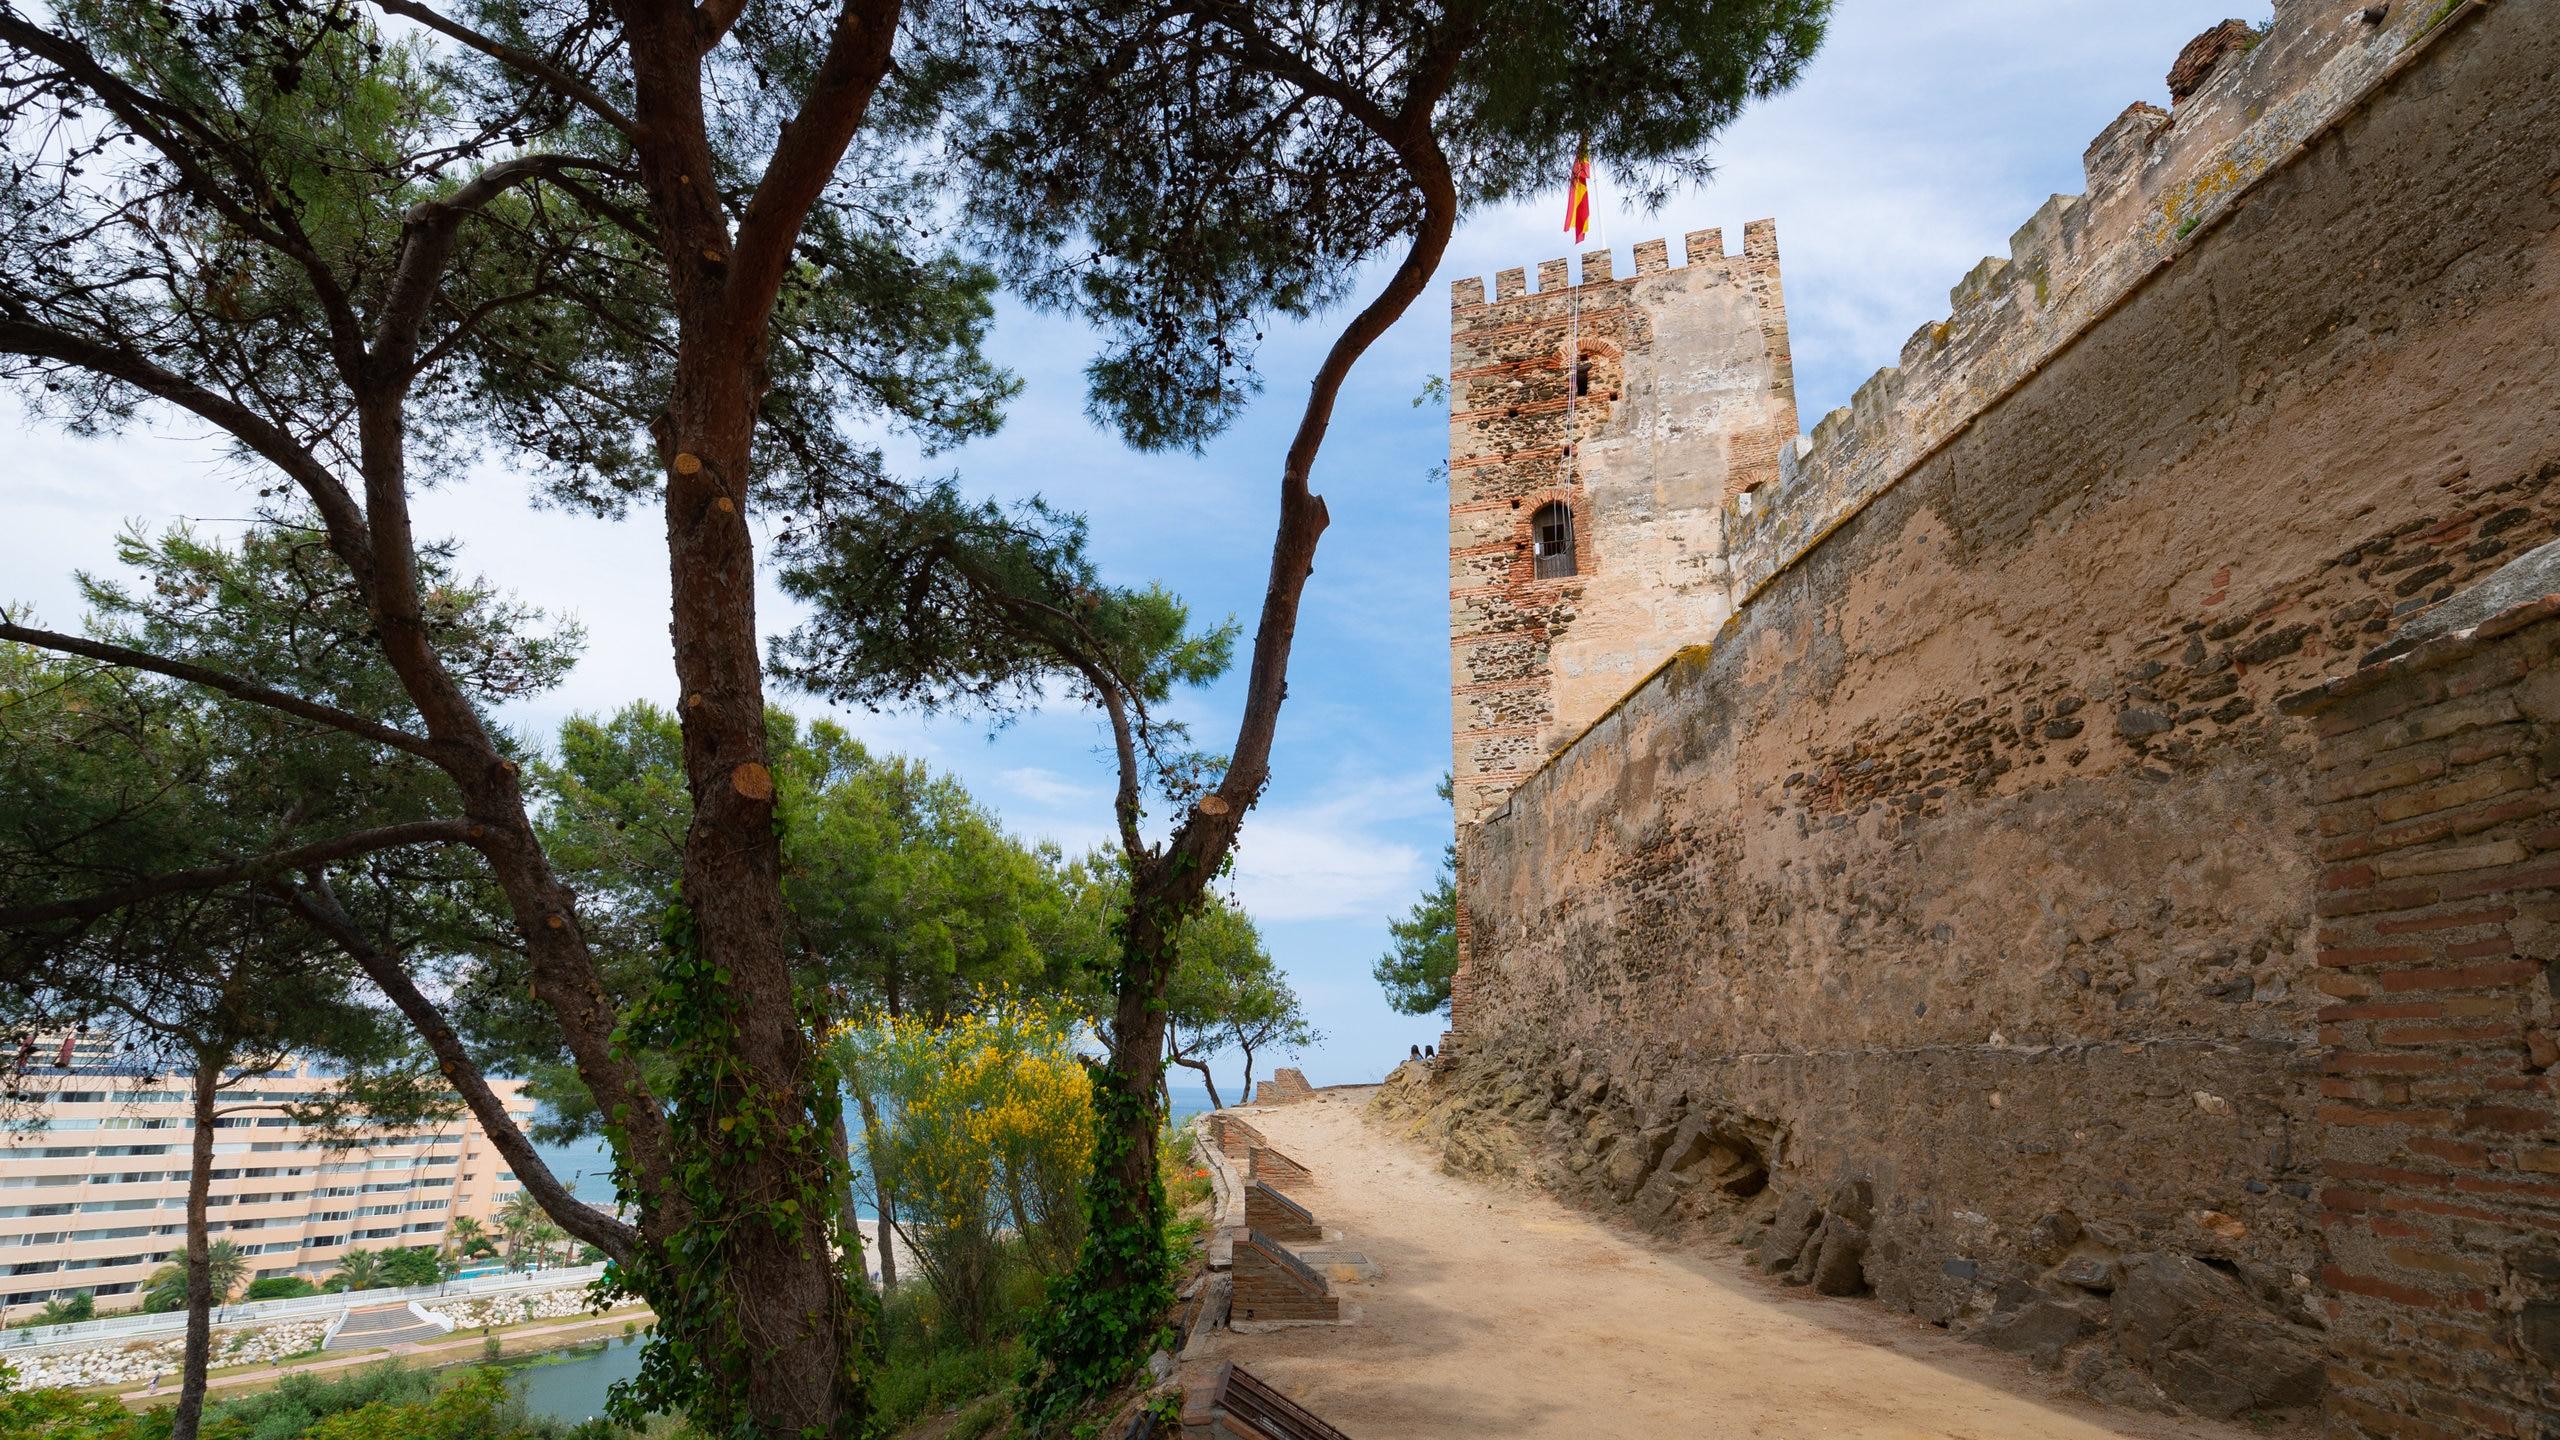 Krijg een idee van de lange geschiedenis van Fuengirola bij het meest iconische monument, een 10e-eeuws kasteel dat nu een museum huisvest en waar regelmatig feesten worden georganiseerd.